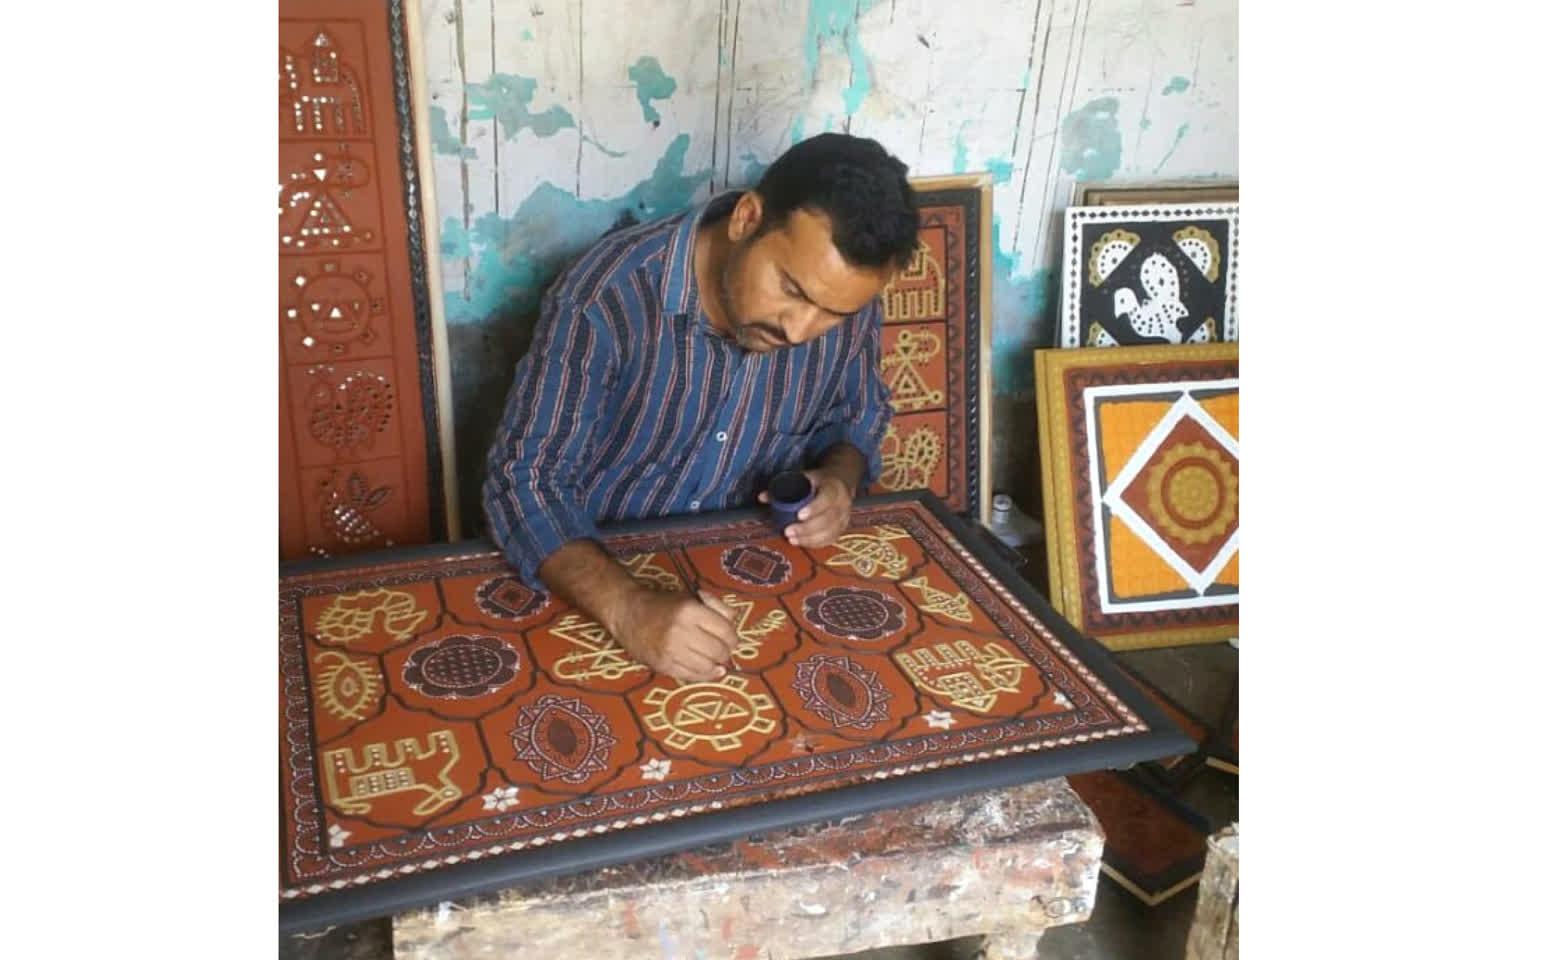 An artisan working on the Lippan art work